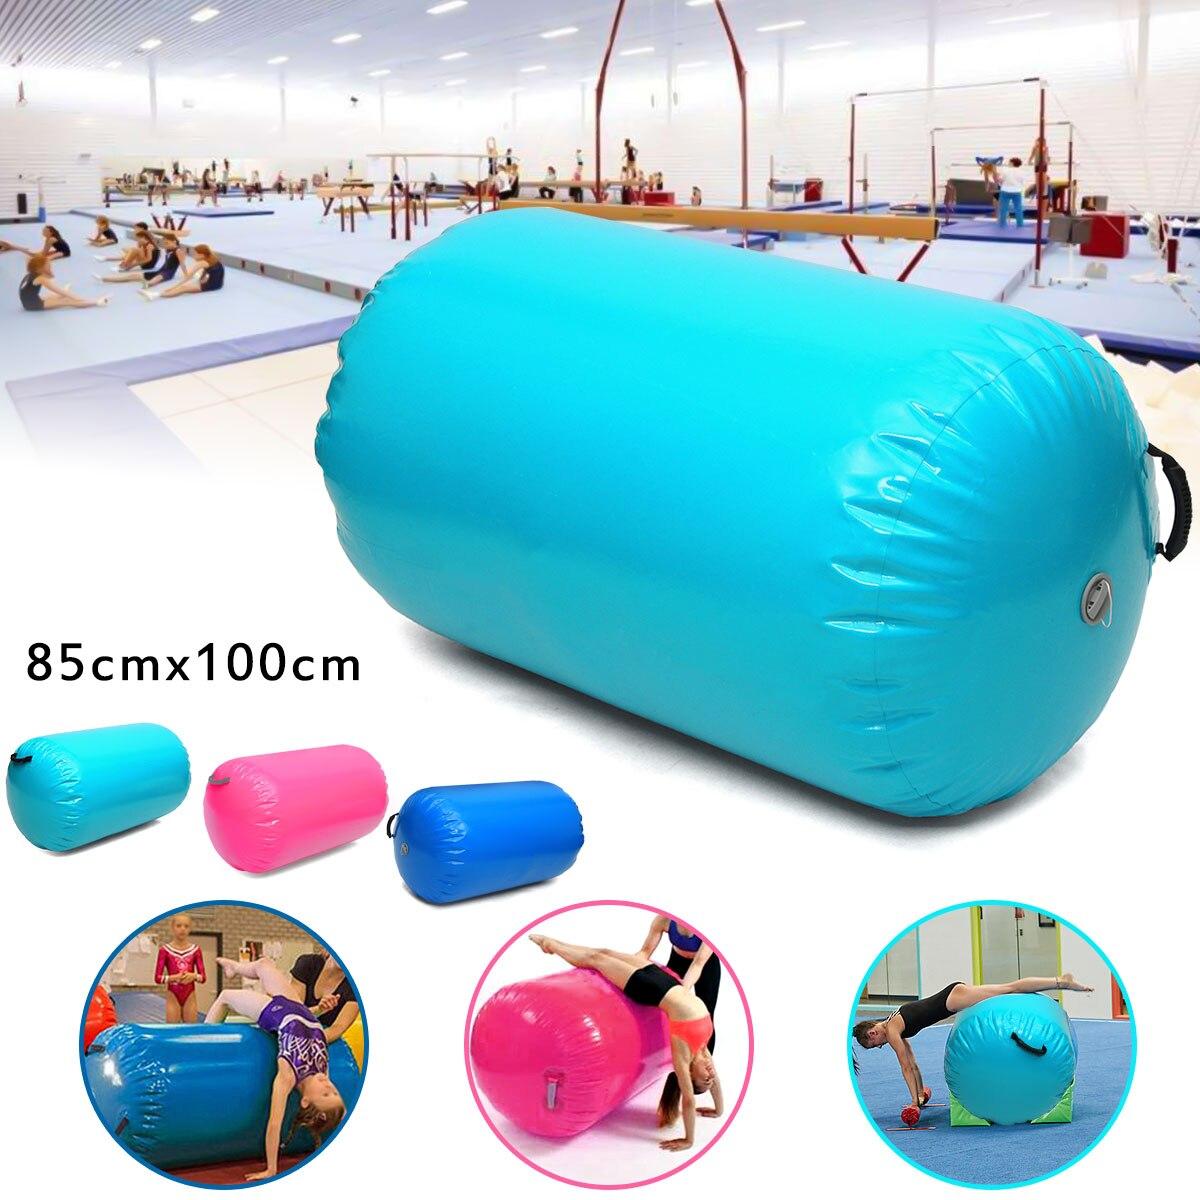 85x100 CM gonflable personnalisé PVC rond gymnastique Gym Air tapis plancher maison GYM gymnastique exercice gonflable Air culbuteur tapis faisceau